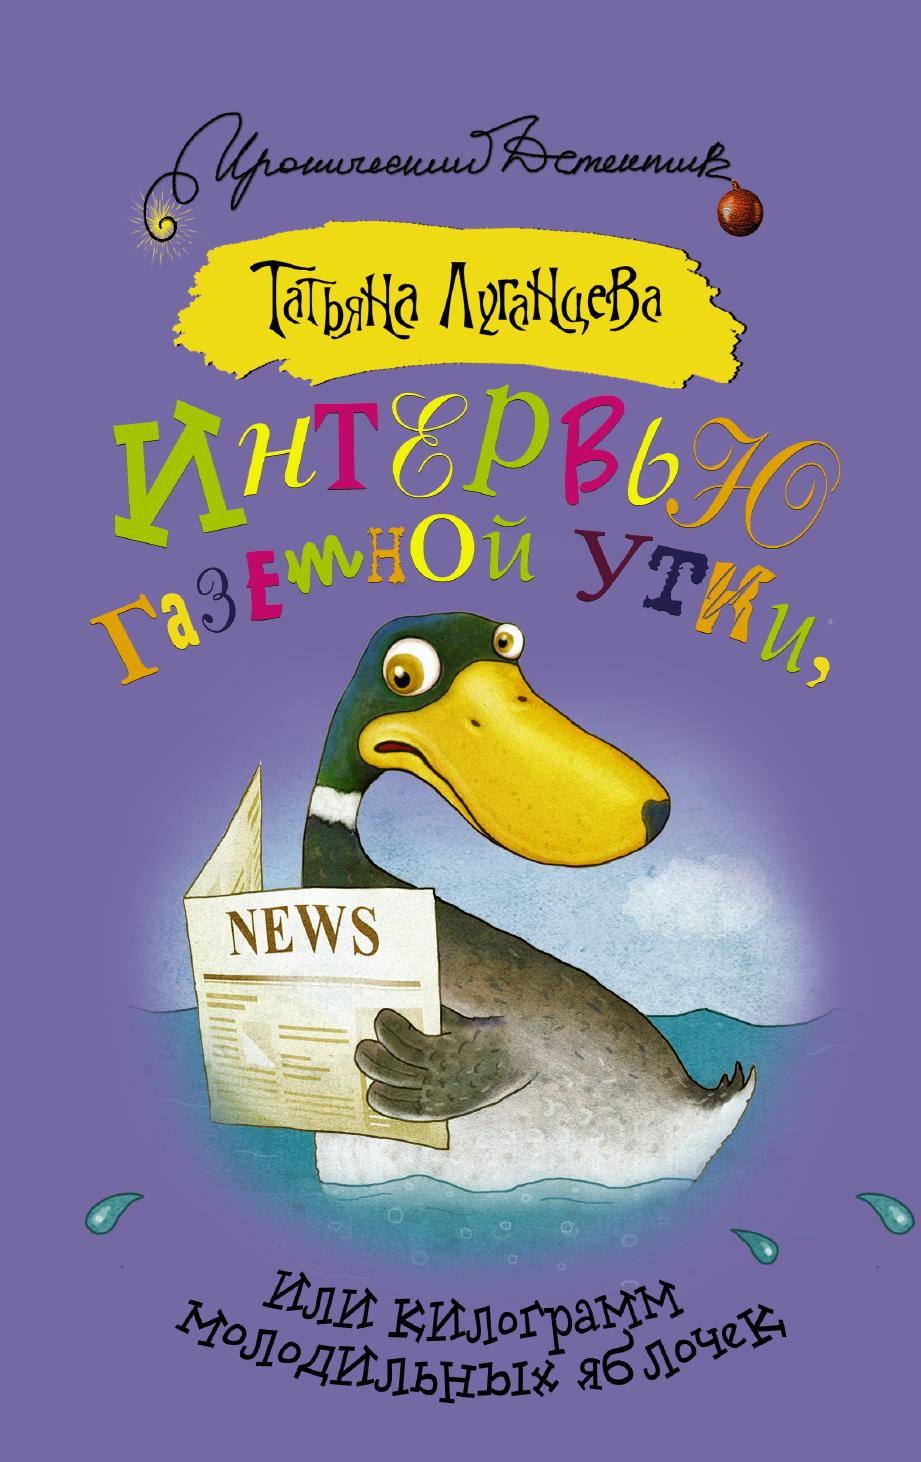 Интервью газетной утки, или Килограмм молодильных яблочек